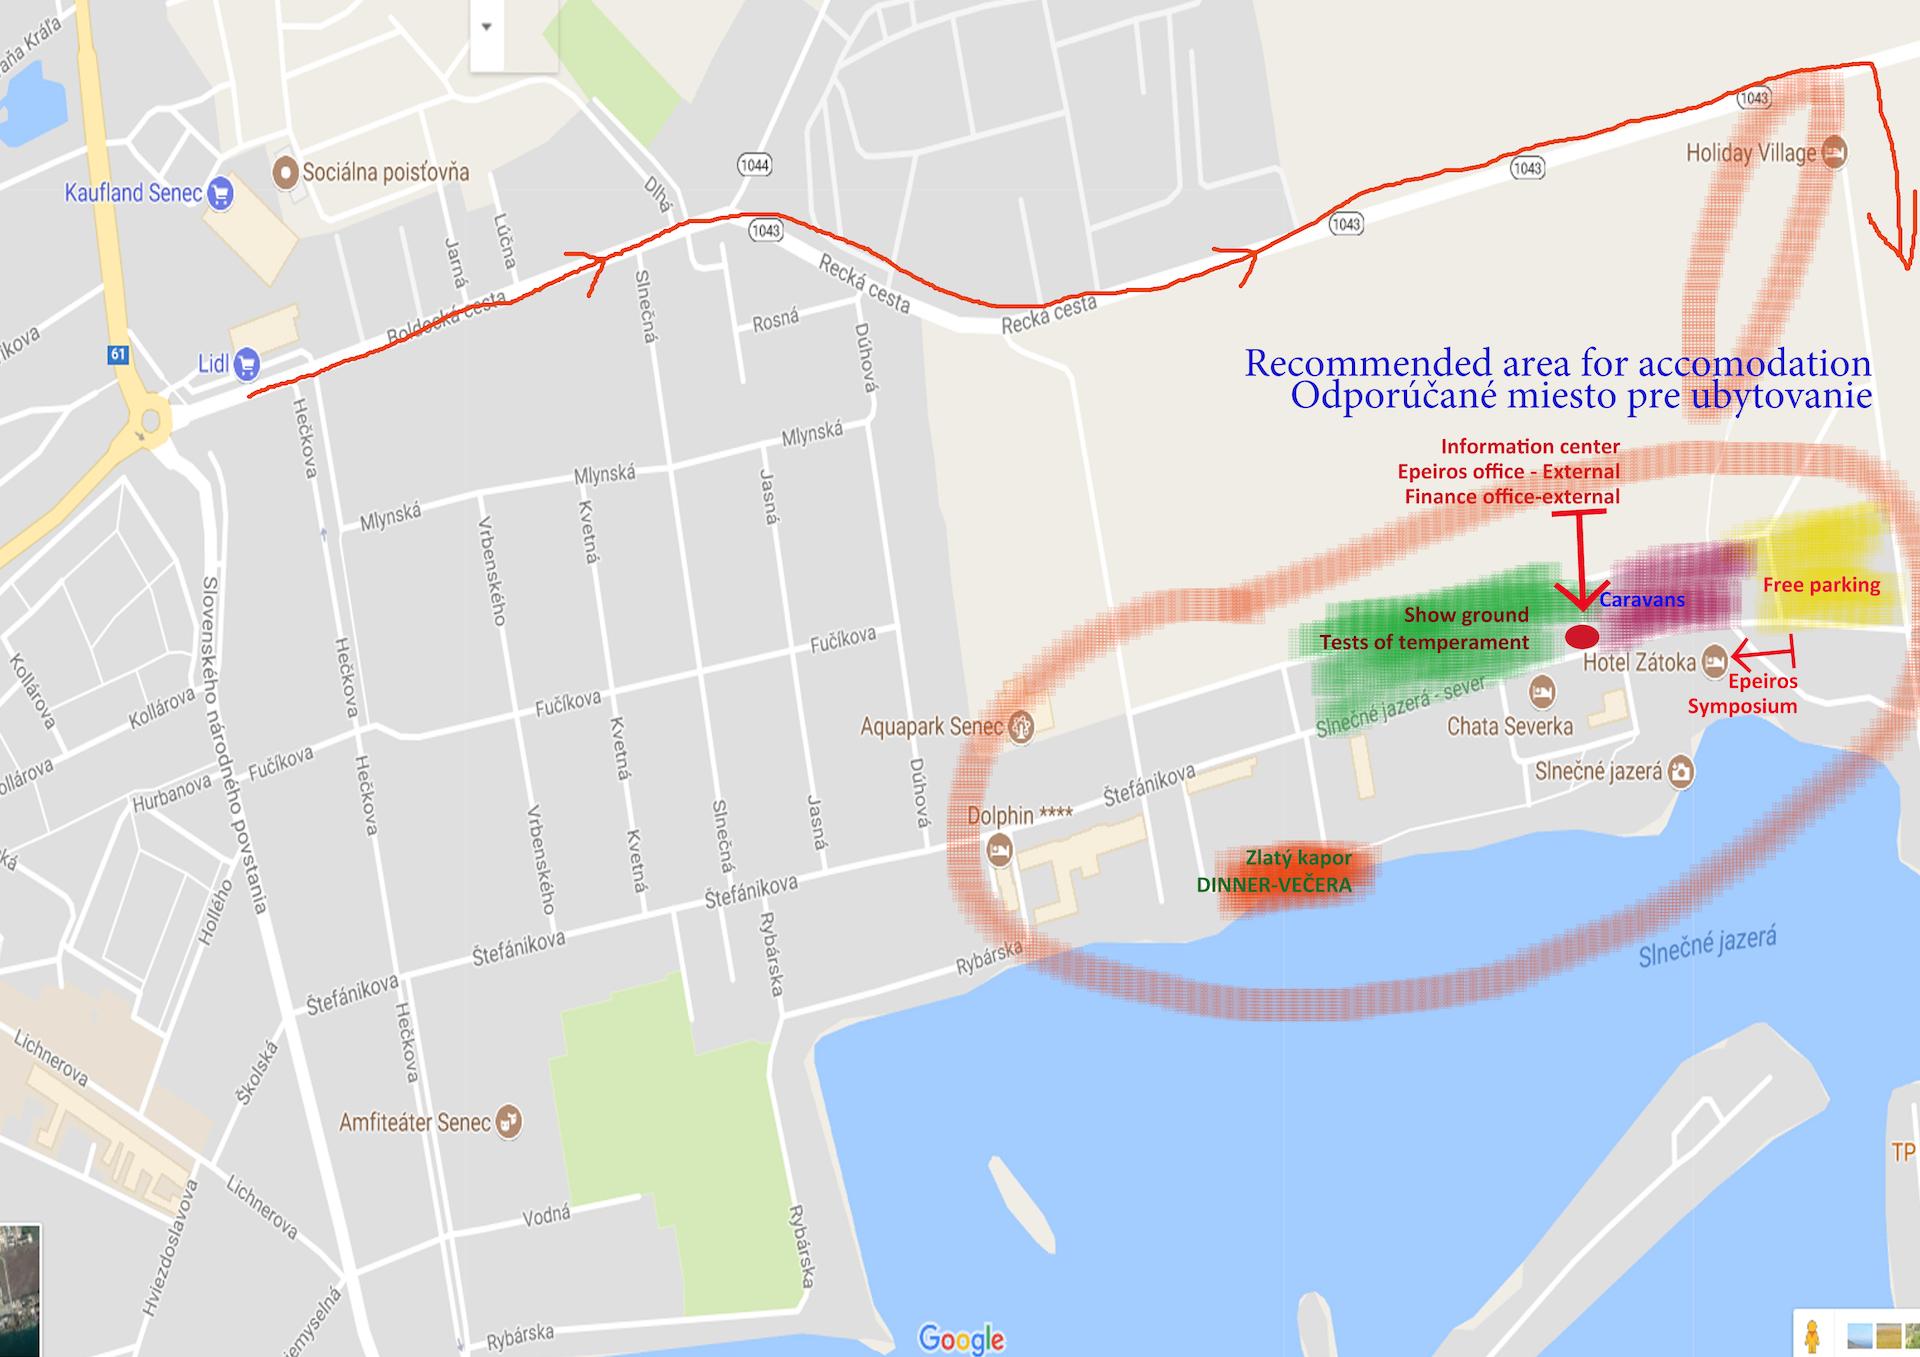 Situačná mapa a mapa s odporúčanými hotelmi